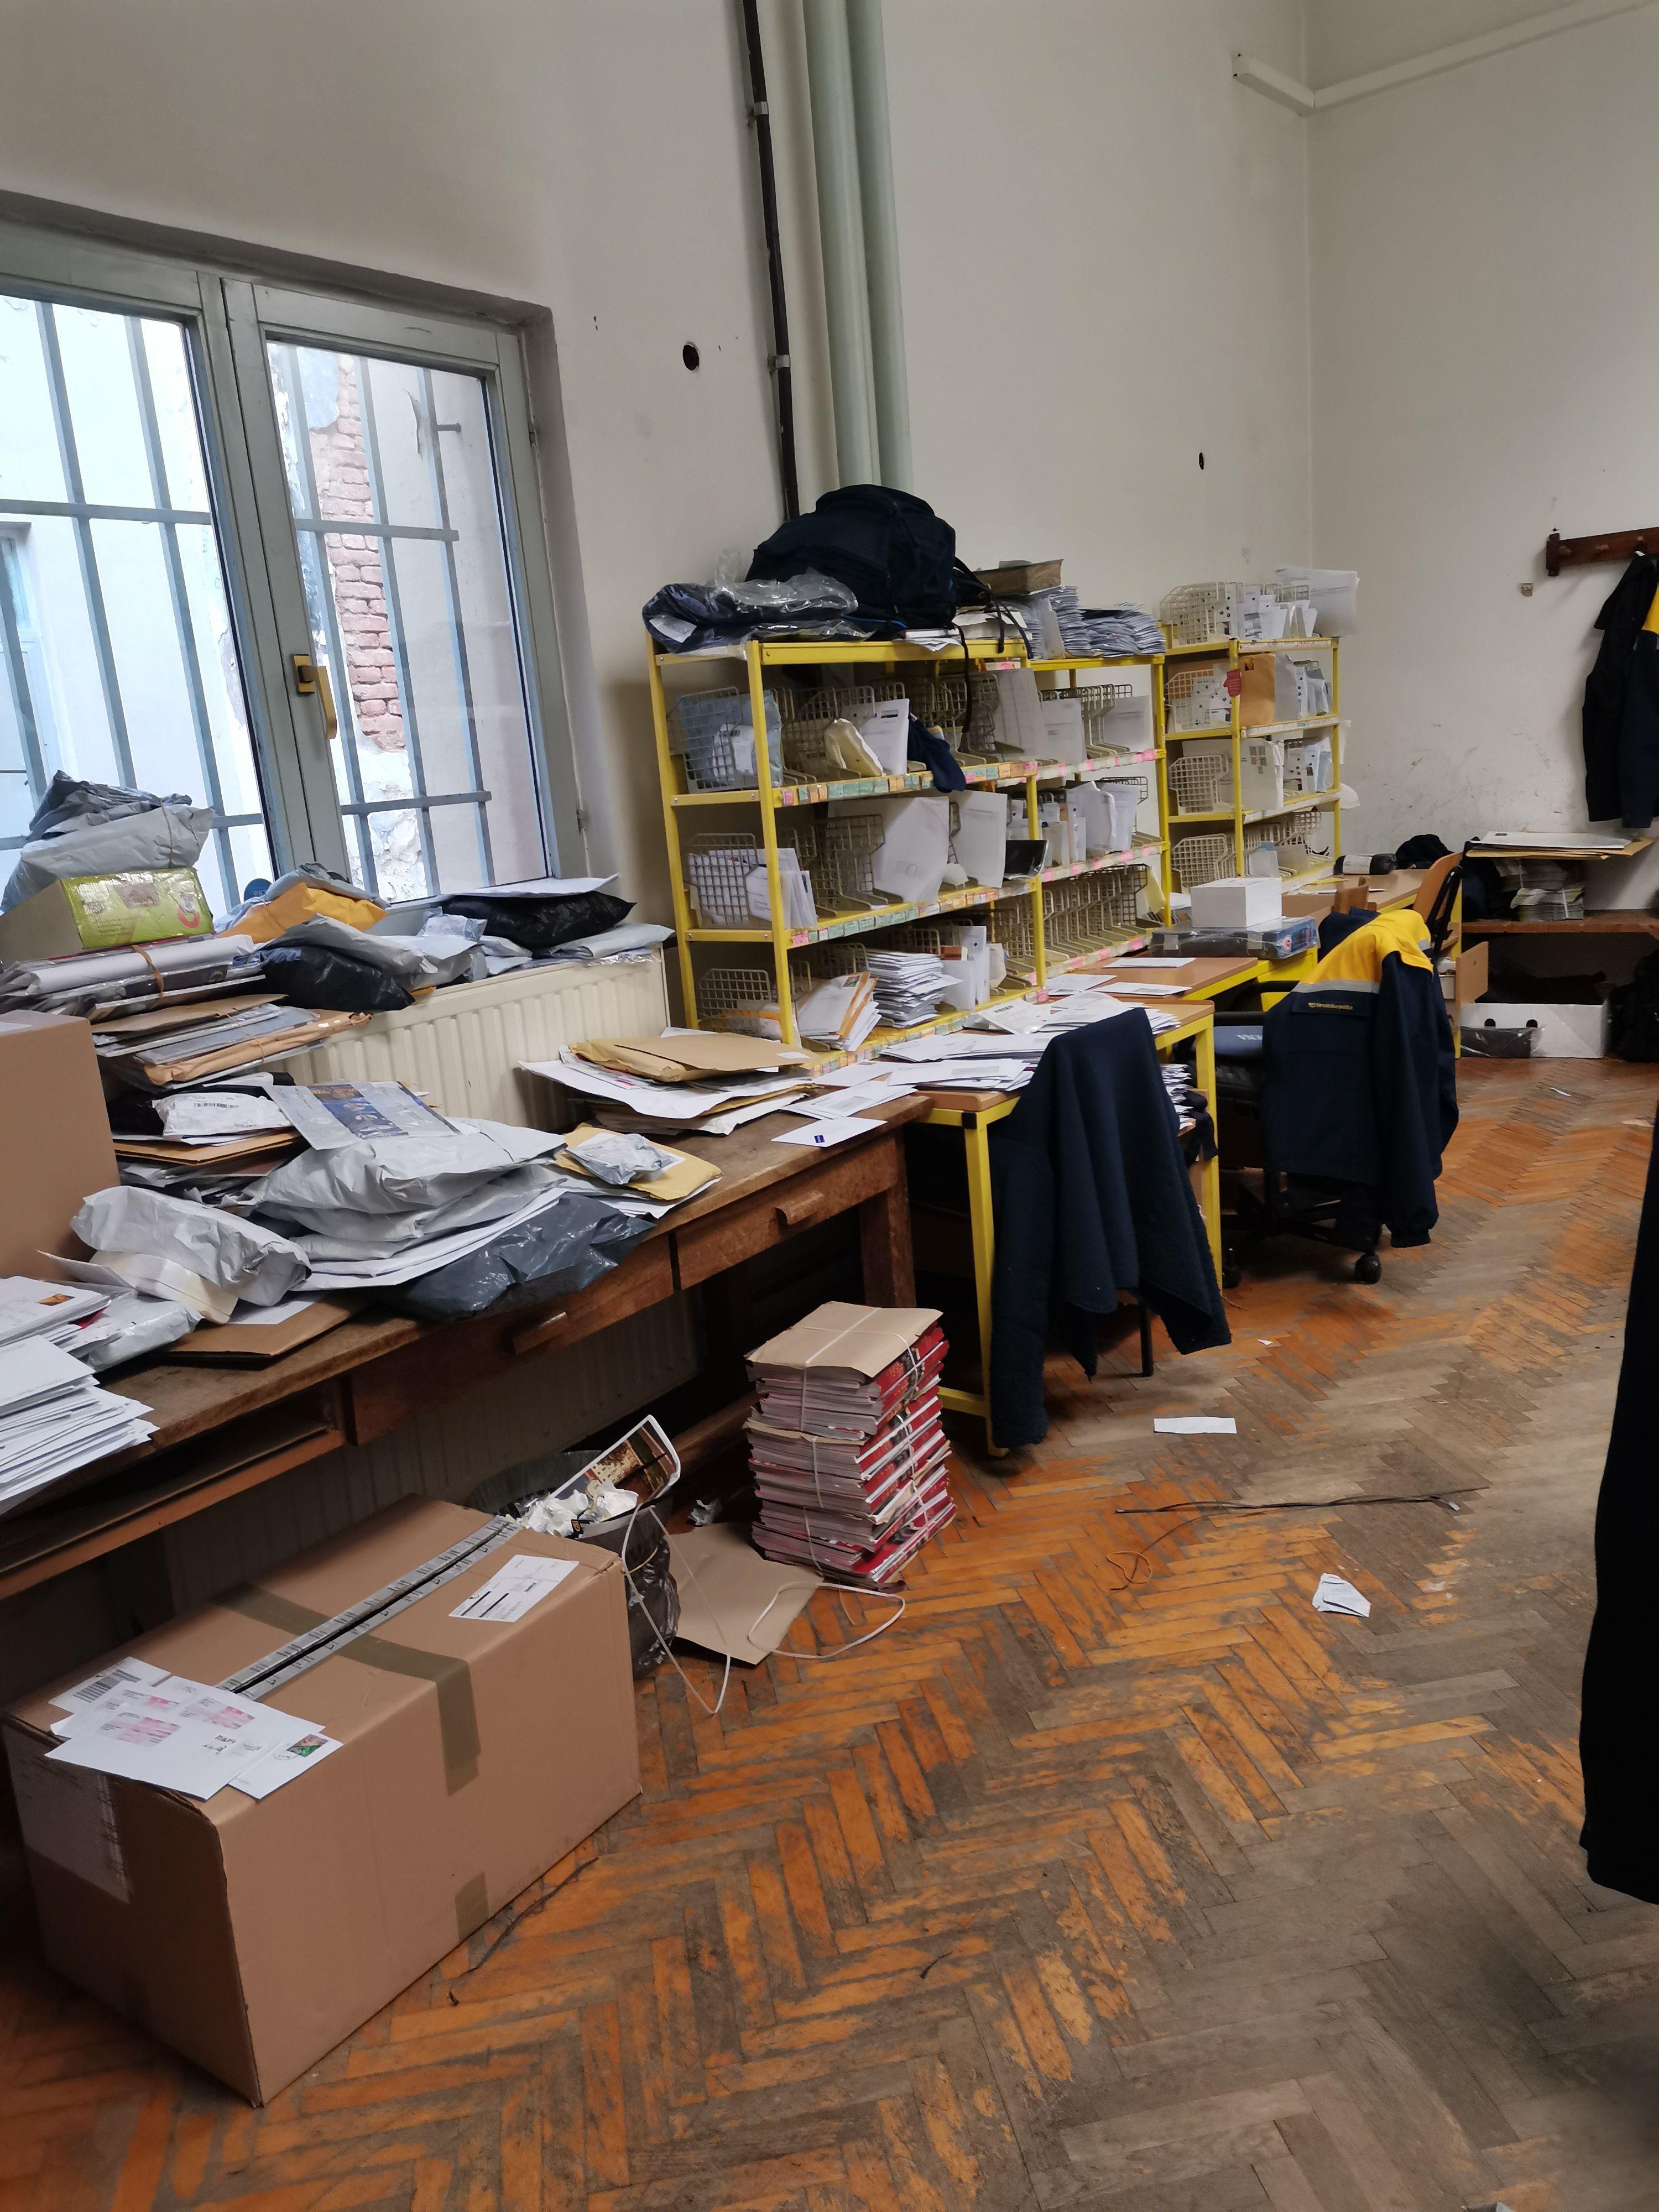 Nagomilane pošiljke unutar poštanskog ureda u Opatiji / Foto čitatelj iz Opatije